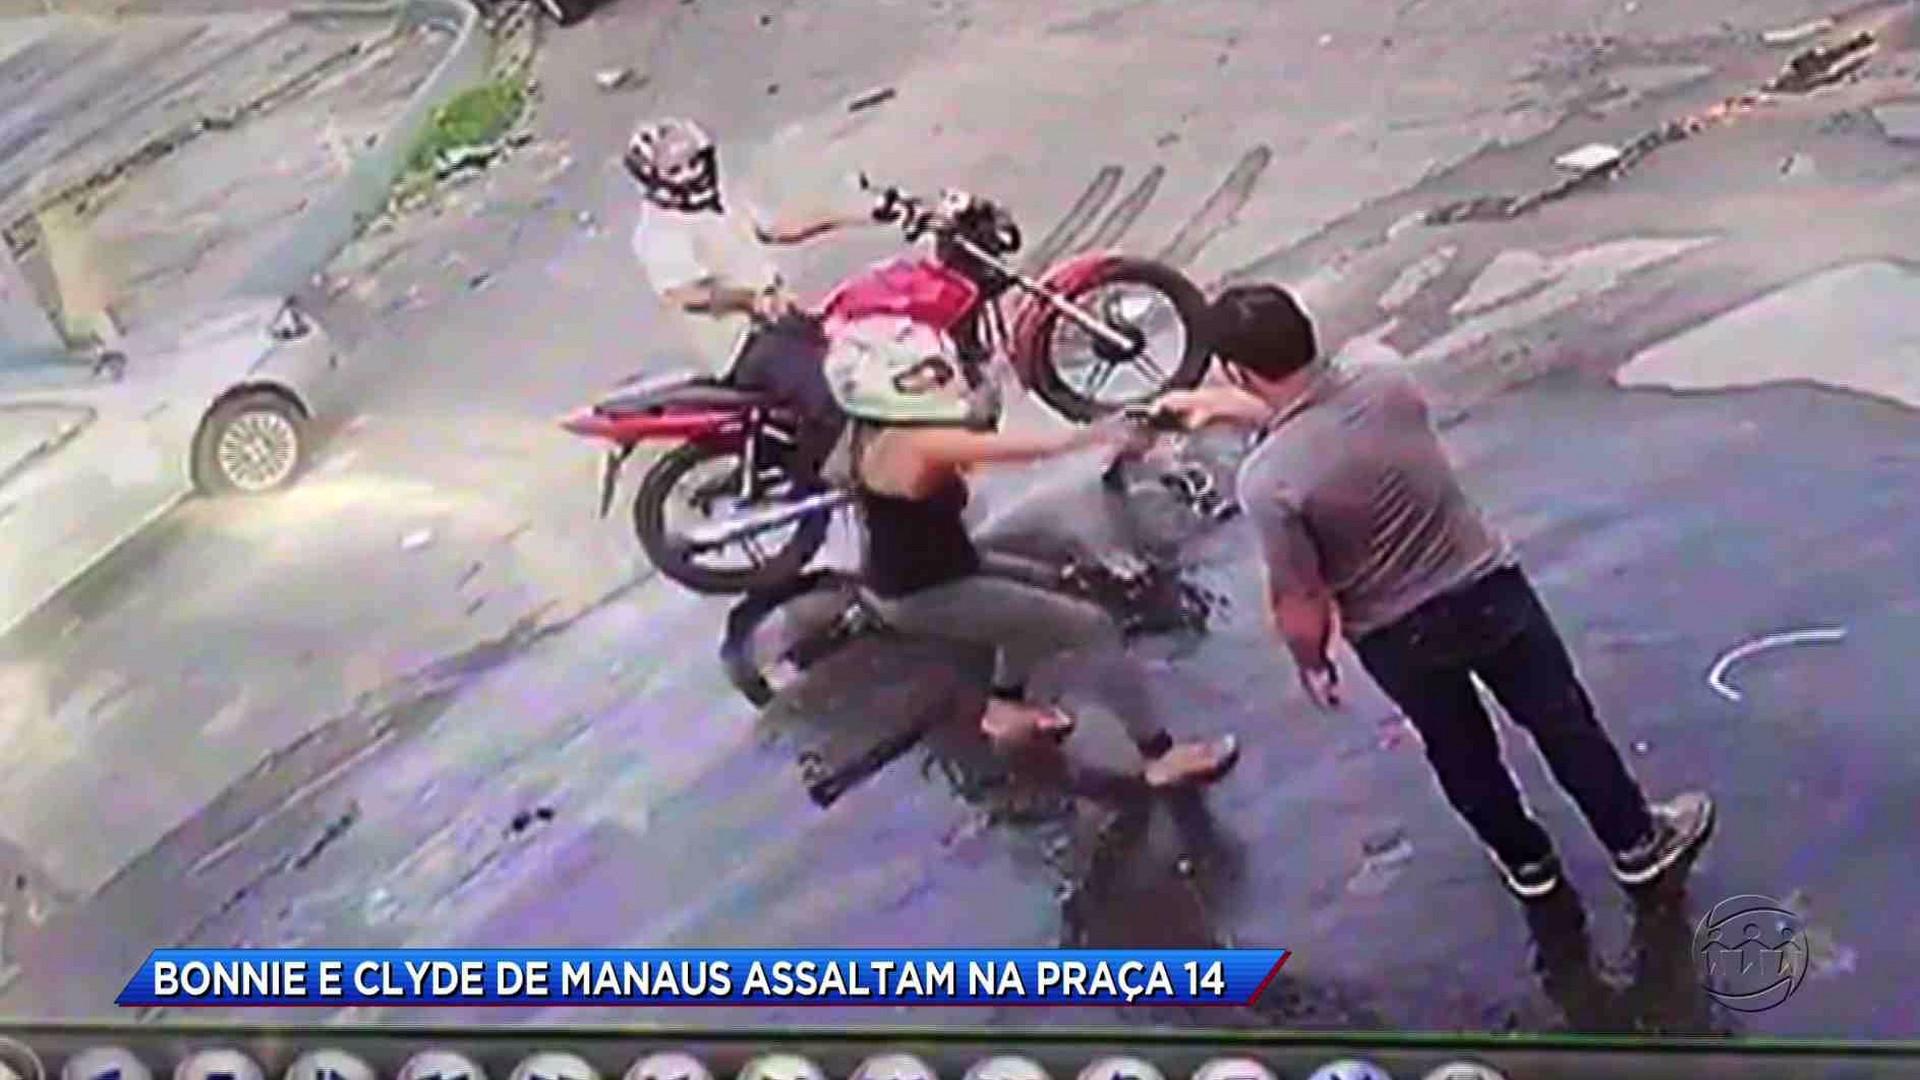 CASAL DE ASSALTANTES ATERRORIZAM MORADORES DO BAIRRO NA PRAÇA 14 - Cidade Alerta Manaus 18/10/17